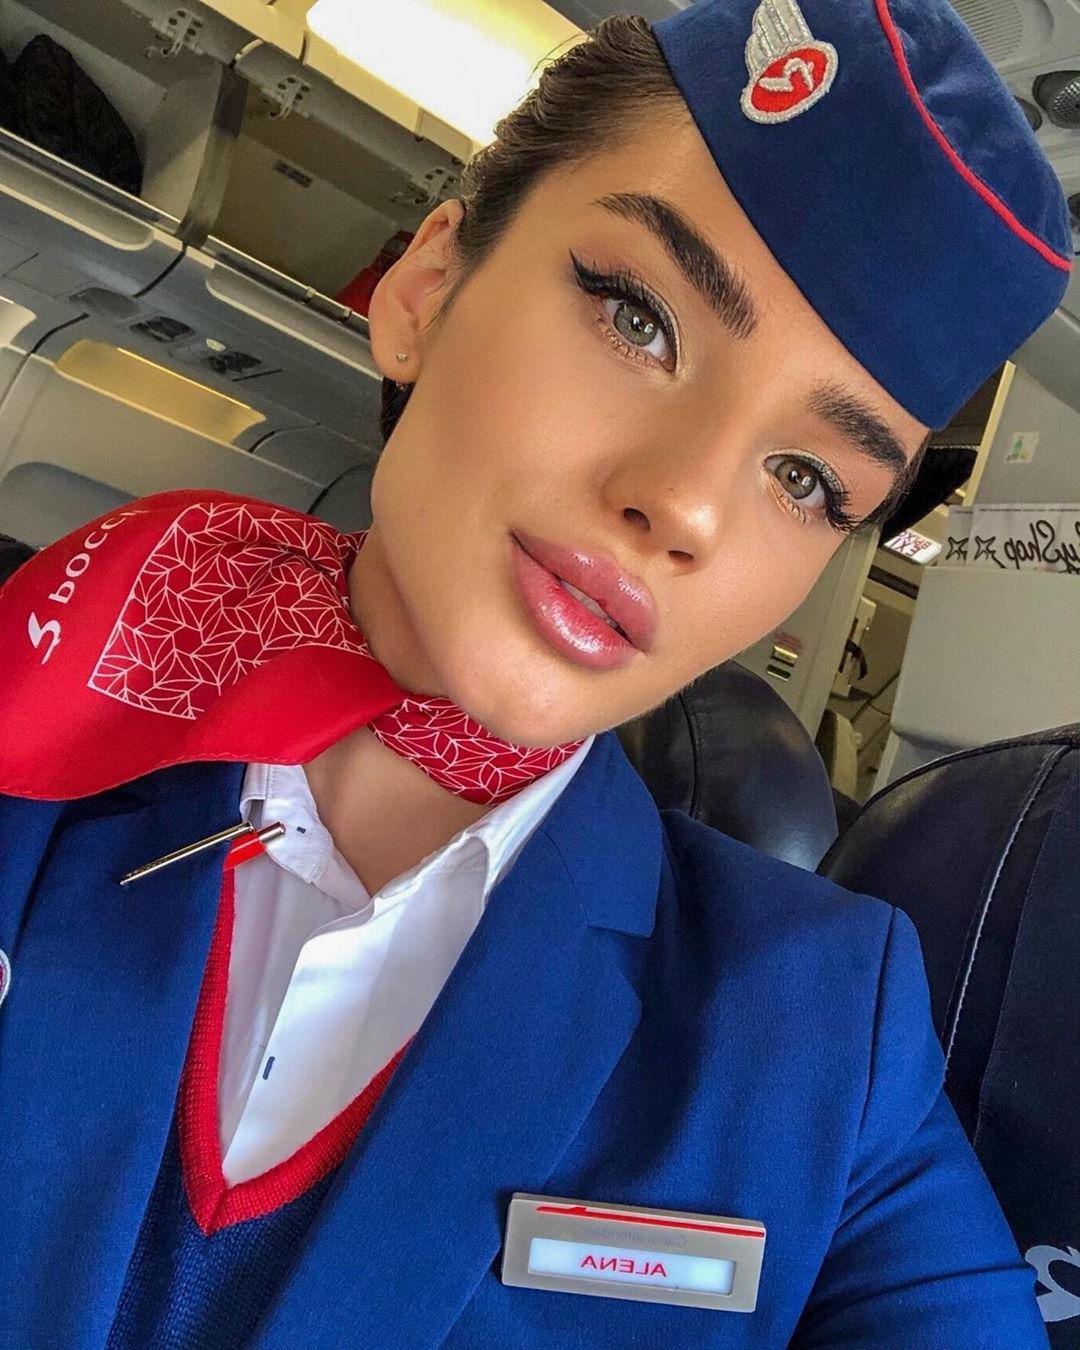 Алена Глухова - самая известная стюардесса авиакомпании «Россия»  Родила мальчика, поздравляем красотку!